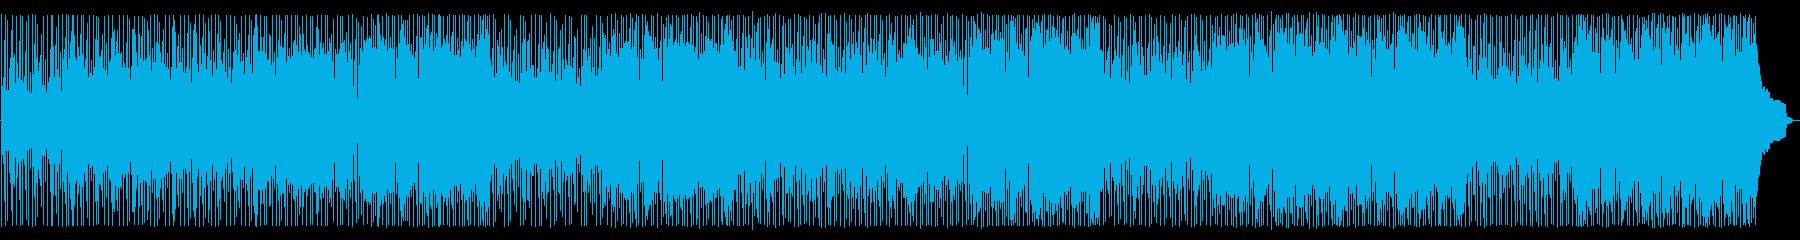 エレクトリックピアノとシンセサイザ...の再生済みの波形